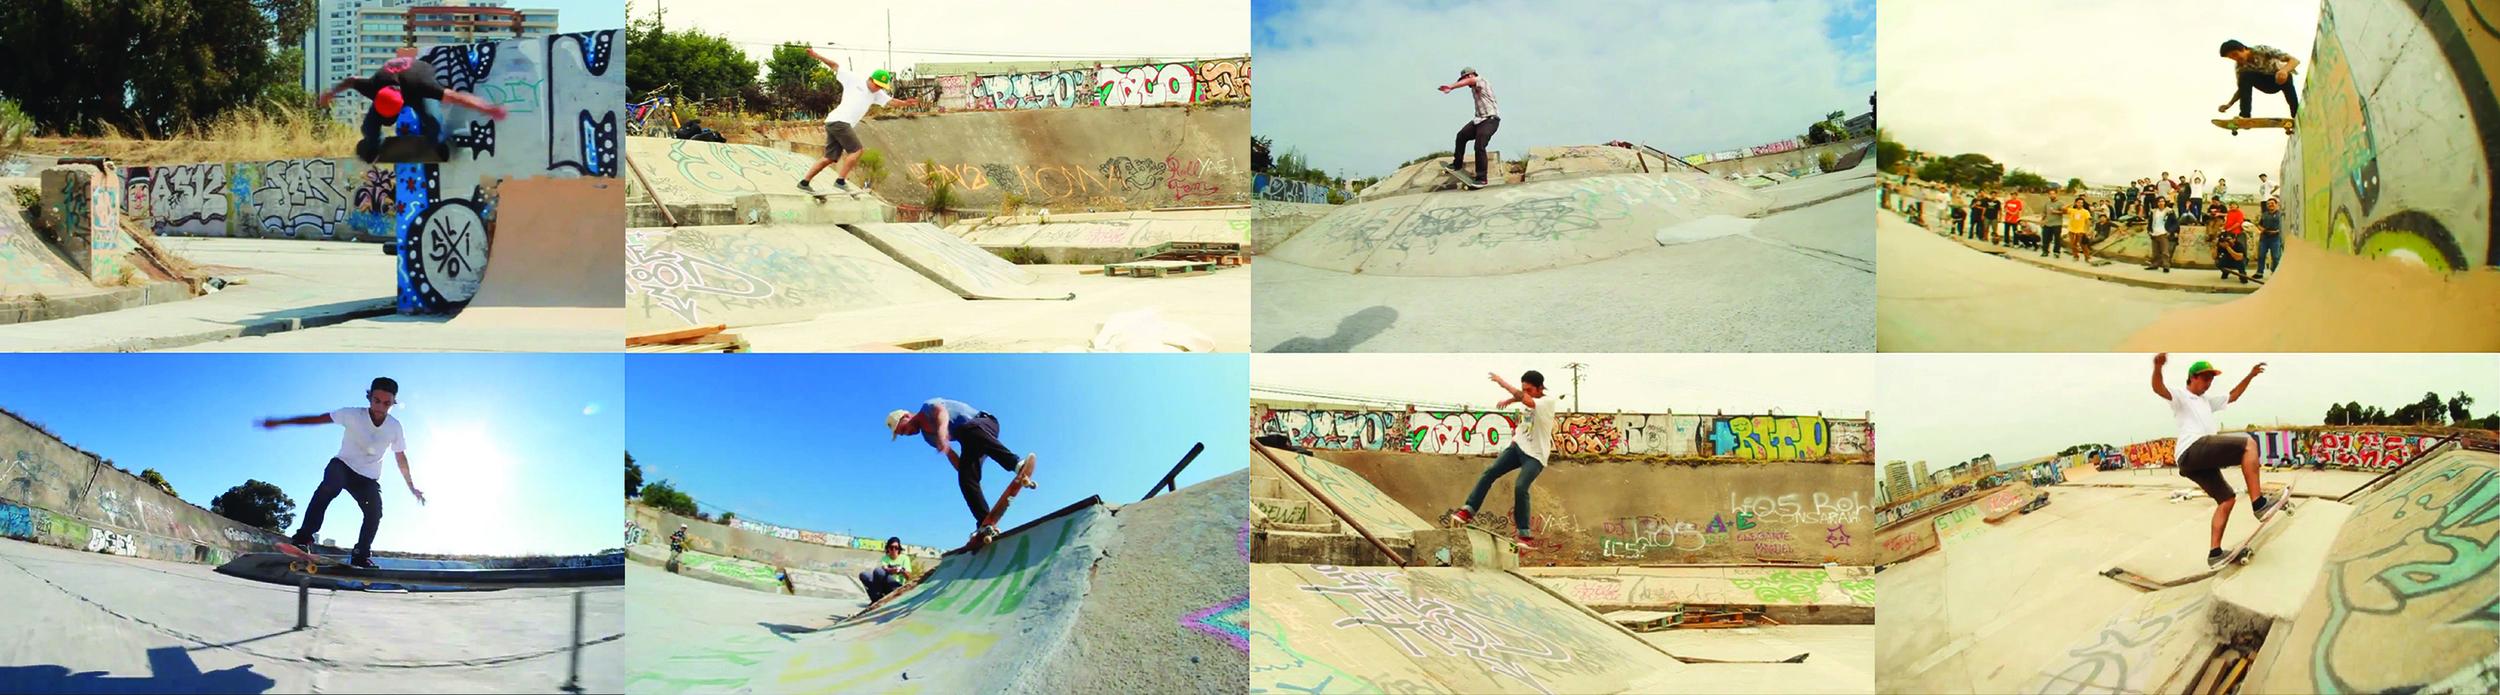 """(4) Compilación de  stills  de la autoconstrucción del lugar extraídas del video """" Sunrise Skateboards  Feliz Navidad 2012 Roswell"""" disponible en < https://vimeo.com/56270949 > © Joaquín Cerda D. para  LOFscapes"""